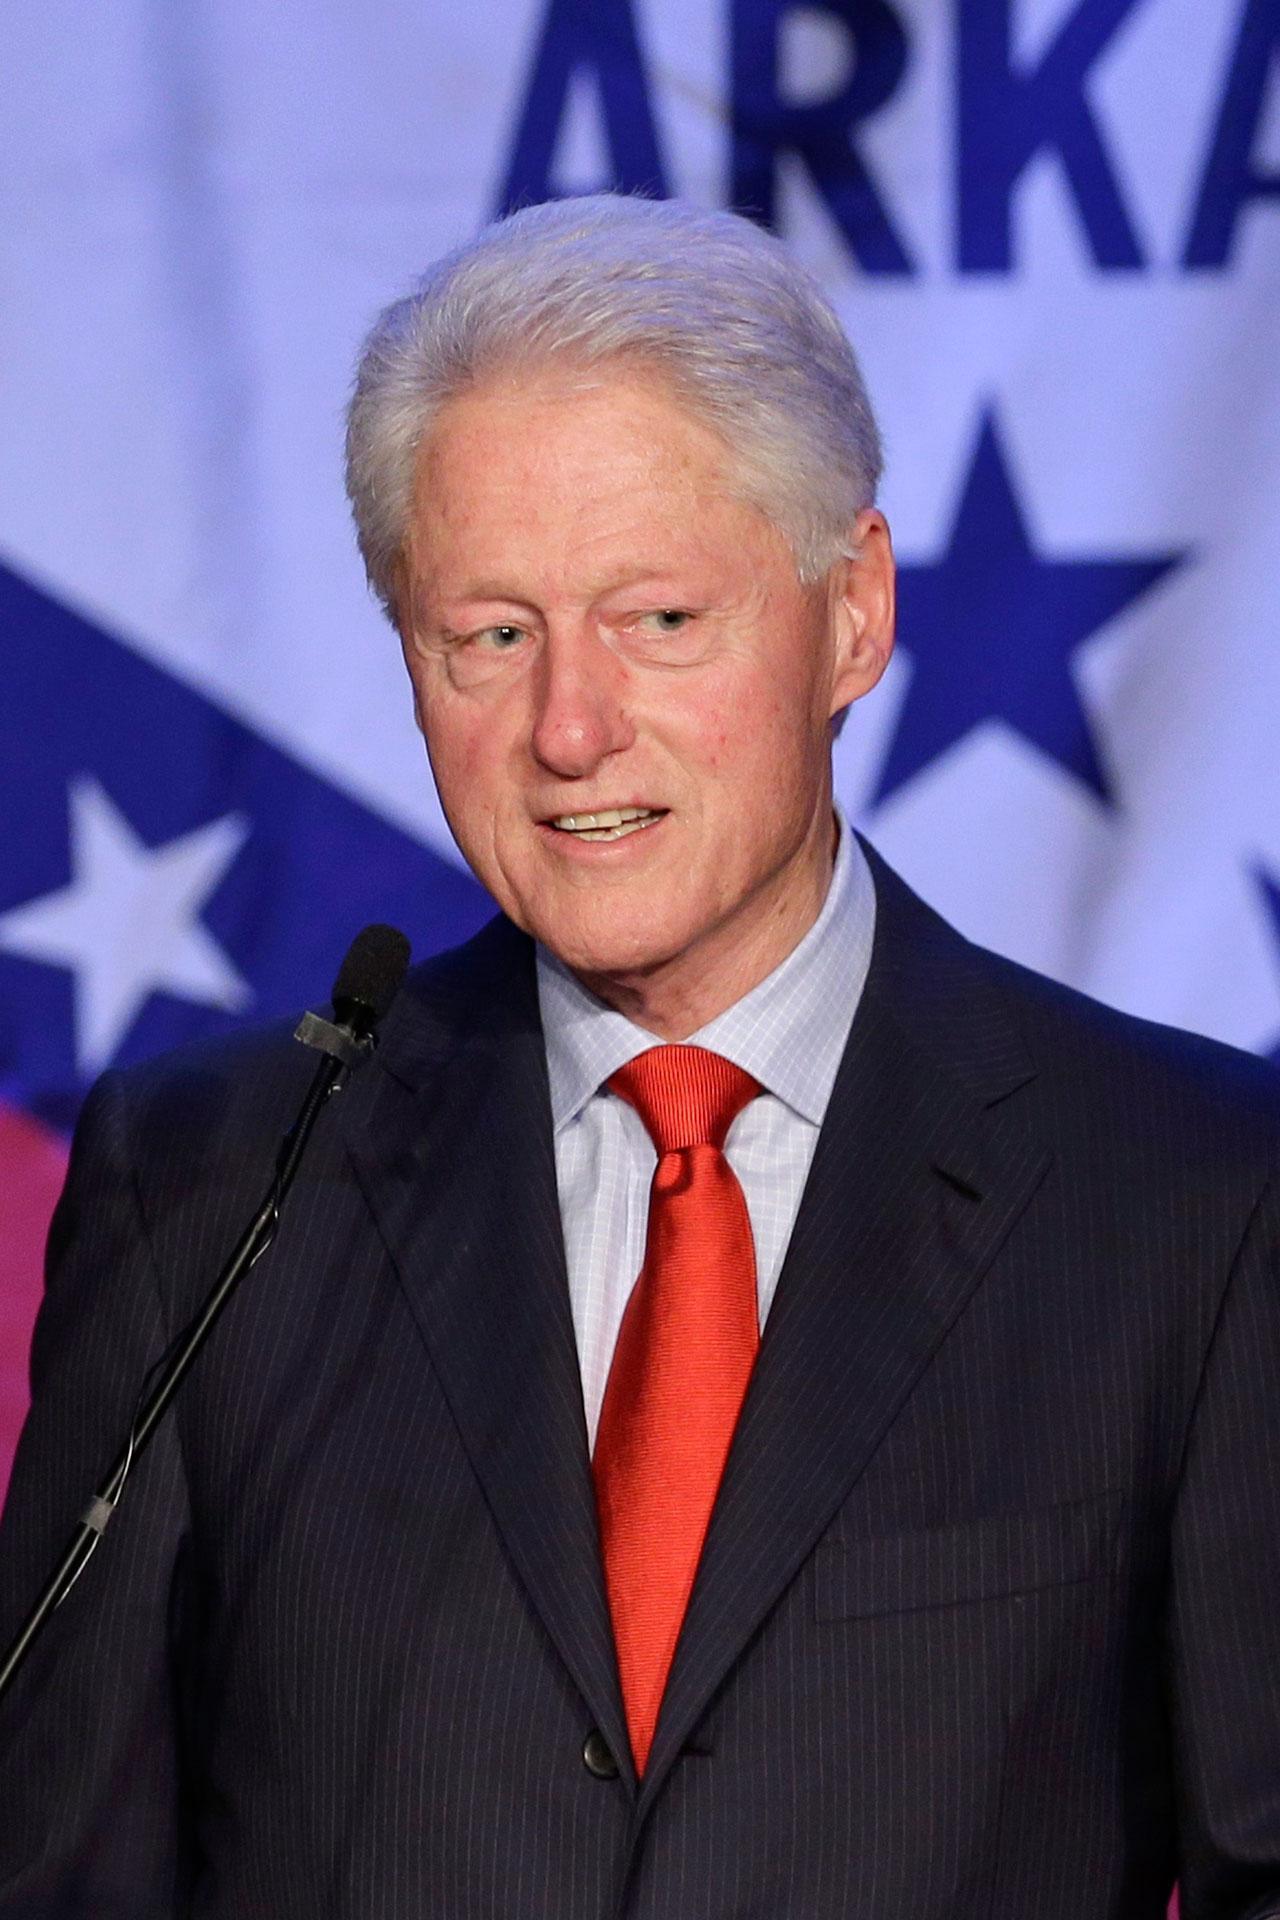 บิล คลินตัน เคยเจอ'มรสุม 'มีความสัมพันธ์ลึกซึ้งกับลูวินสกีจนเกือบจะพ้นจากตำแหน่งผู้นำสหรัฐฯ